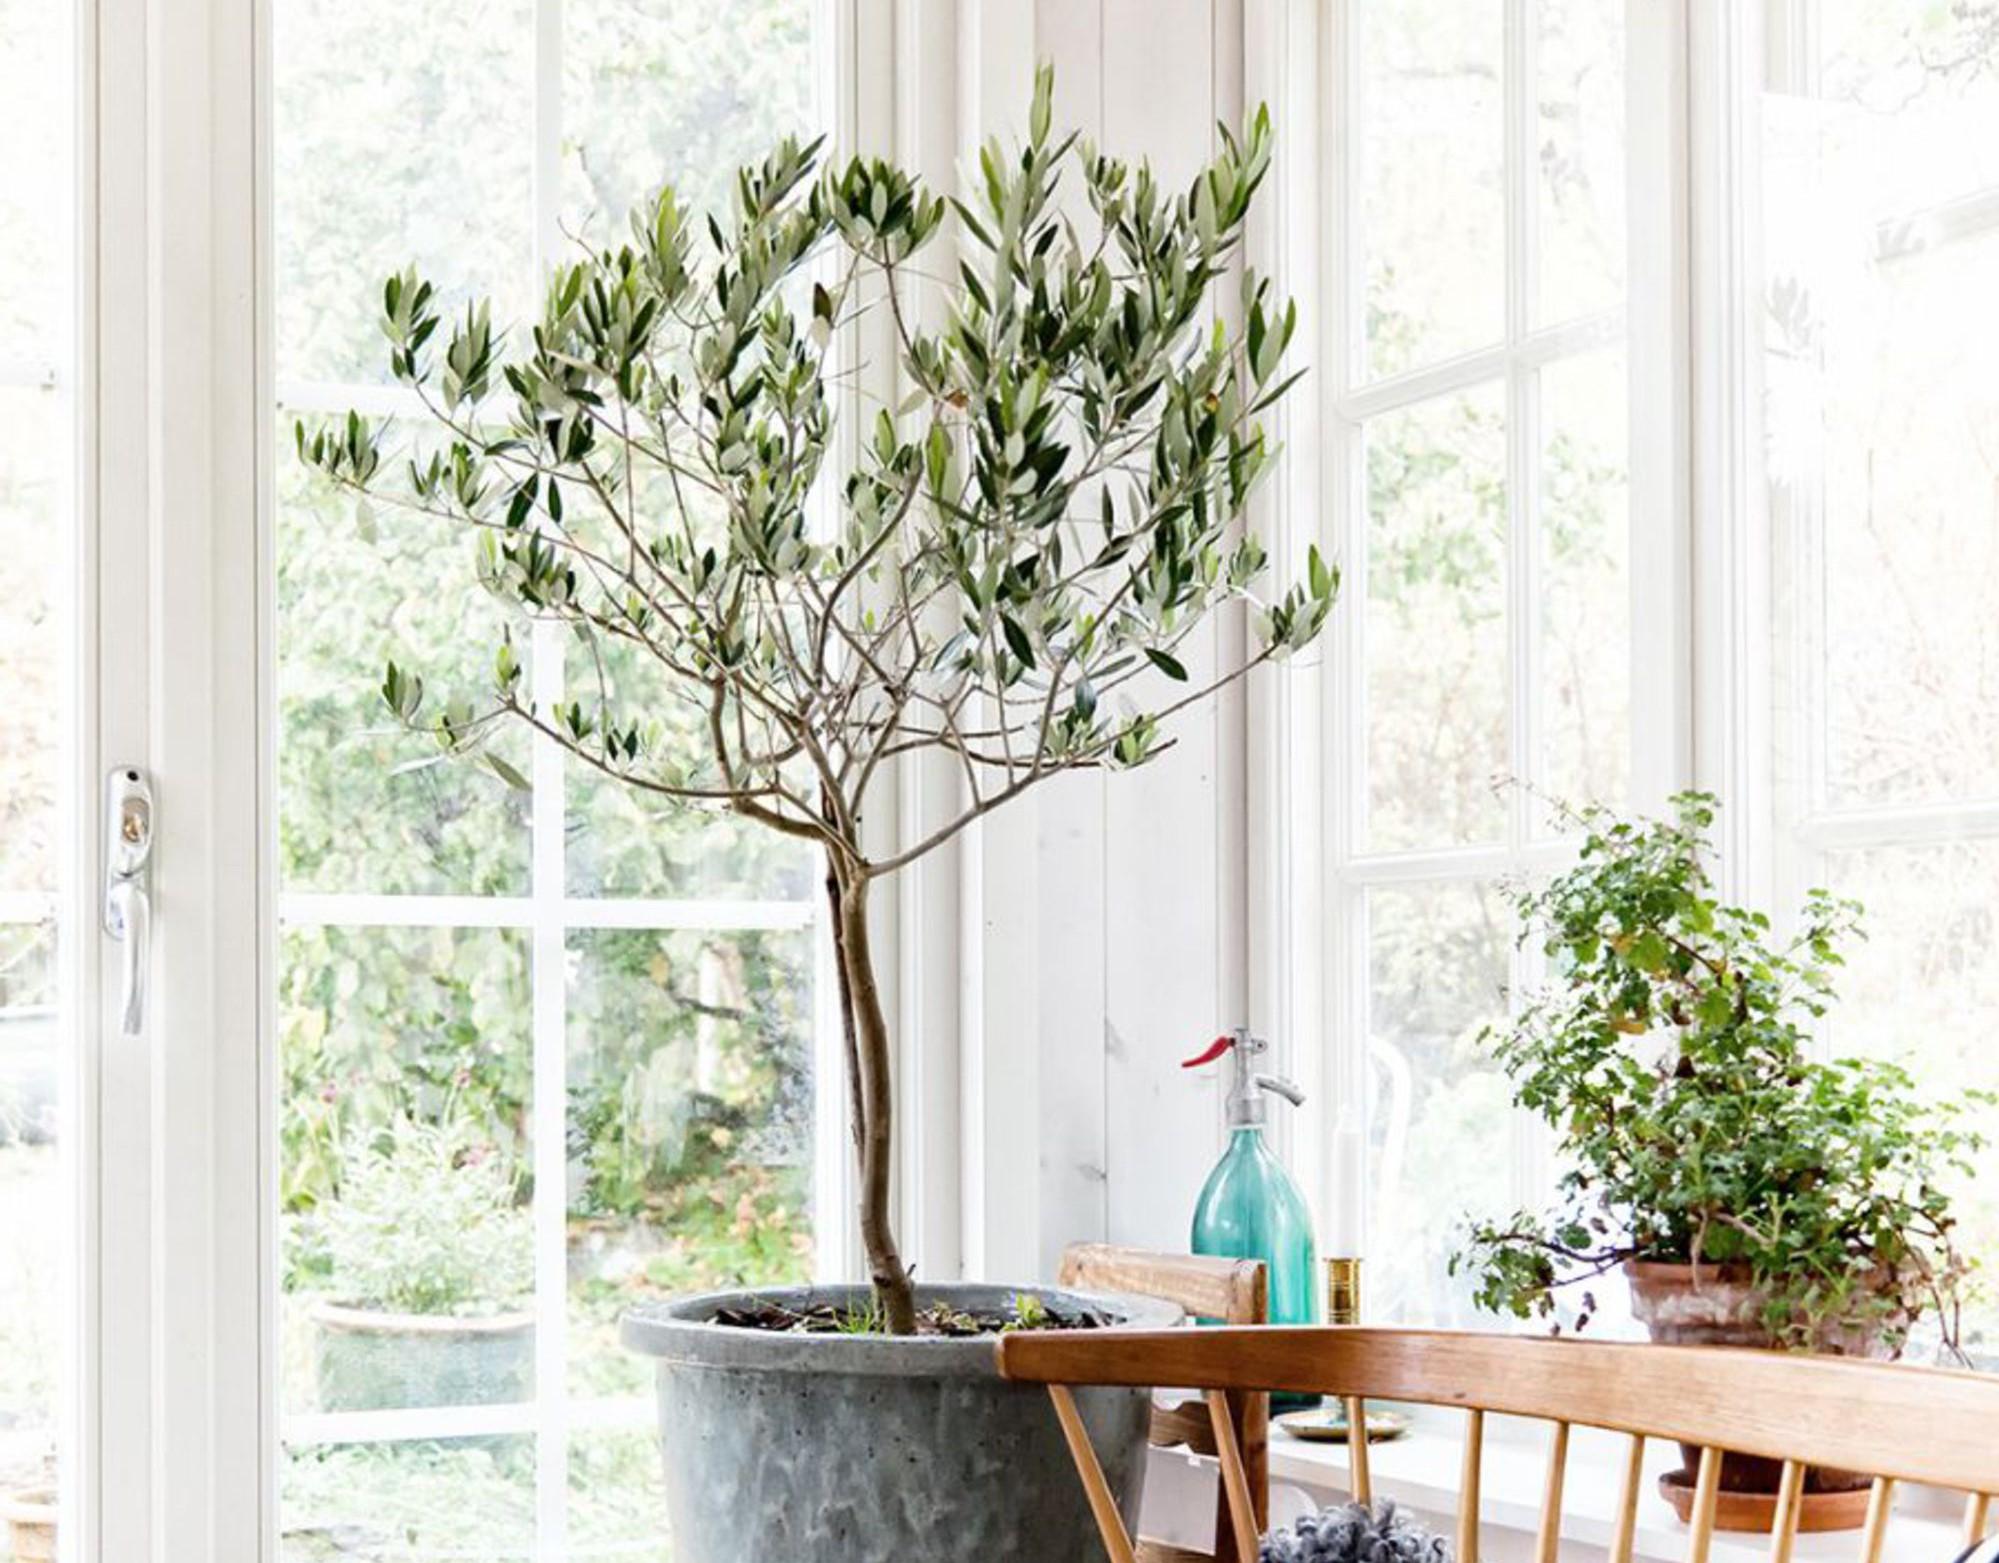 Il est bon de déplacer l'olivier et de le laisser se nourrir du soleil s'il fait chaud.